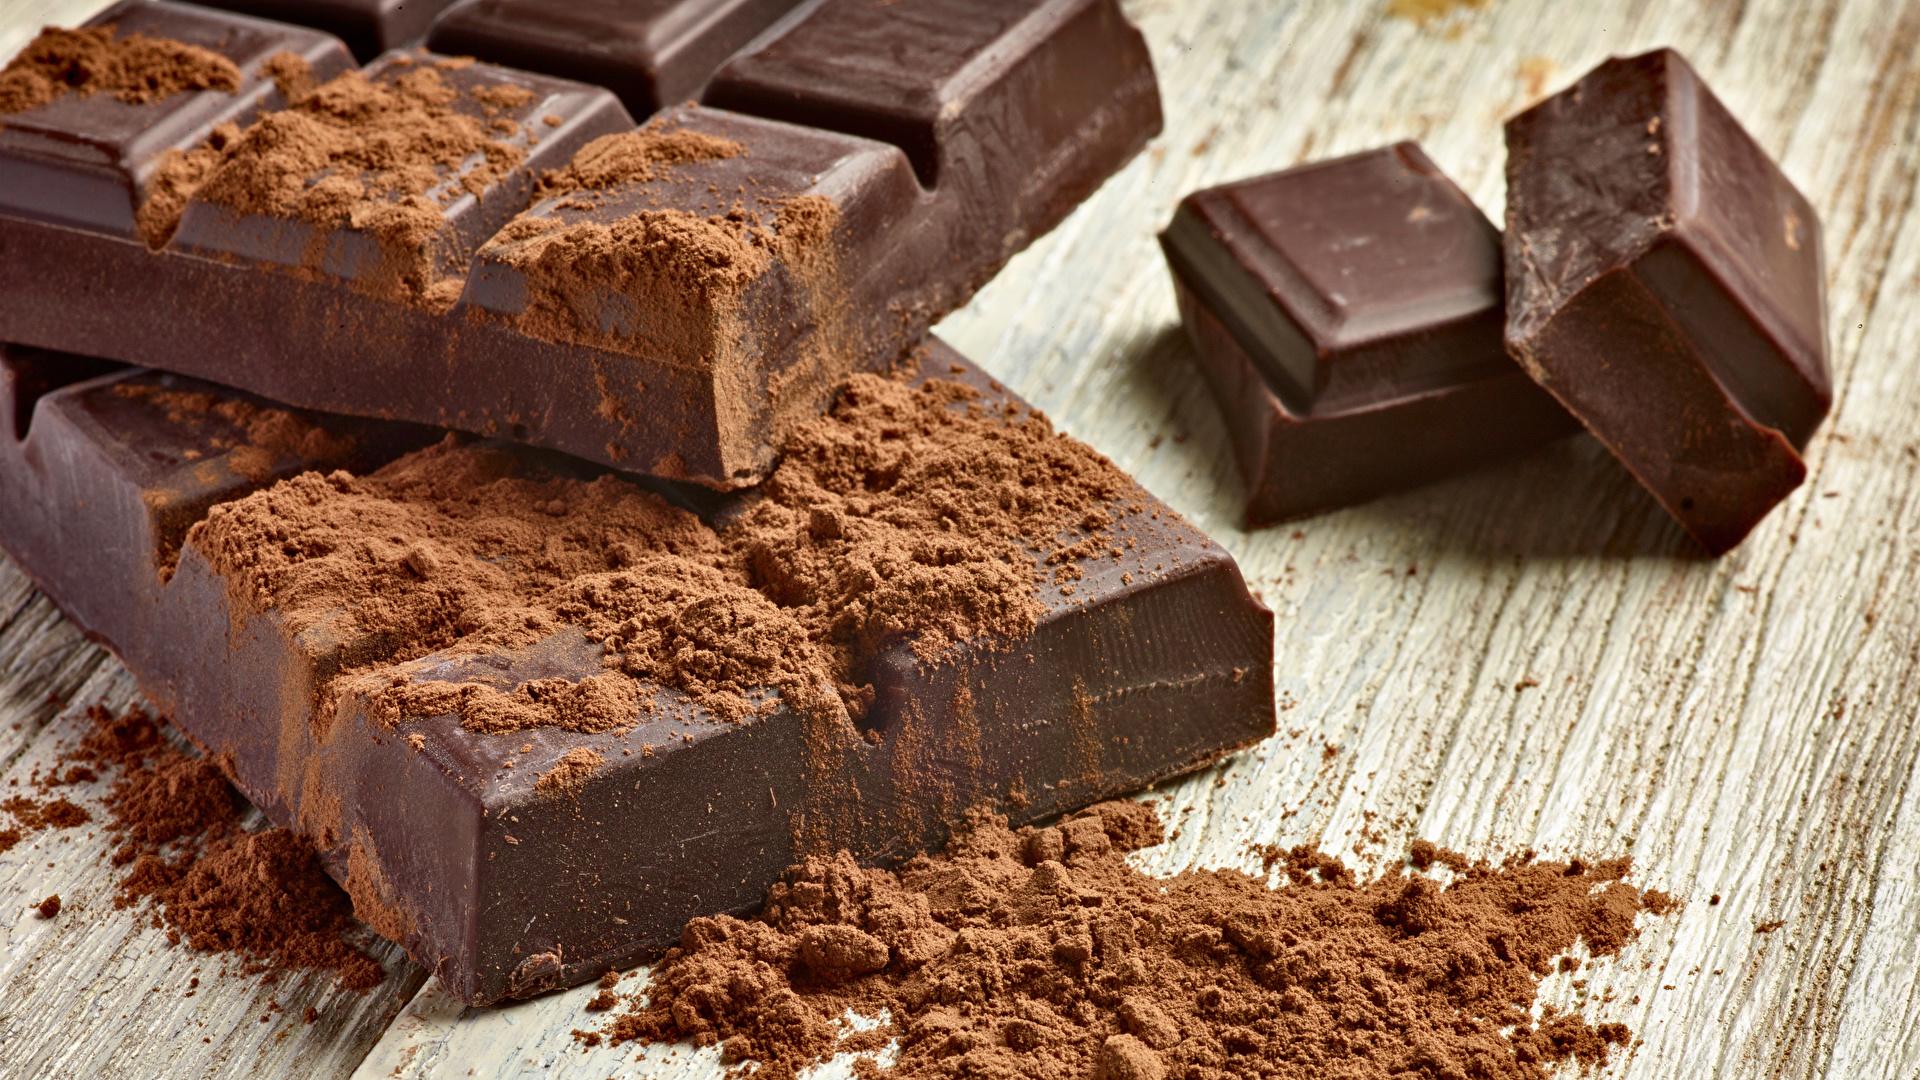 Картинки Пища Шоколад Доски Какао порошок сладкая еда шоколадка 1920x1080 Еда Продукты питания Сладости Шоколадная плитка